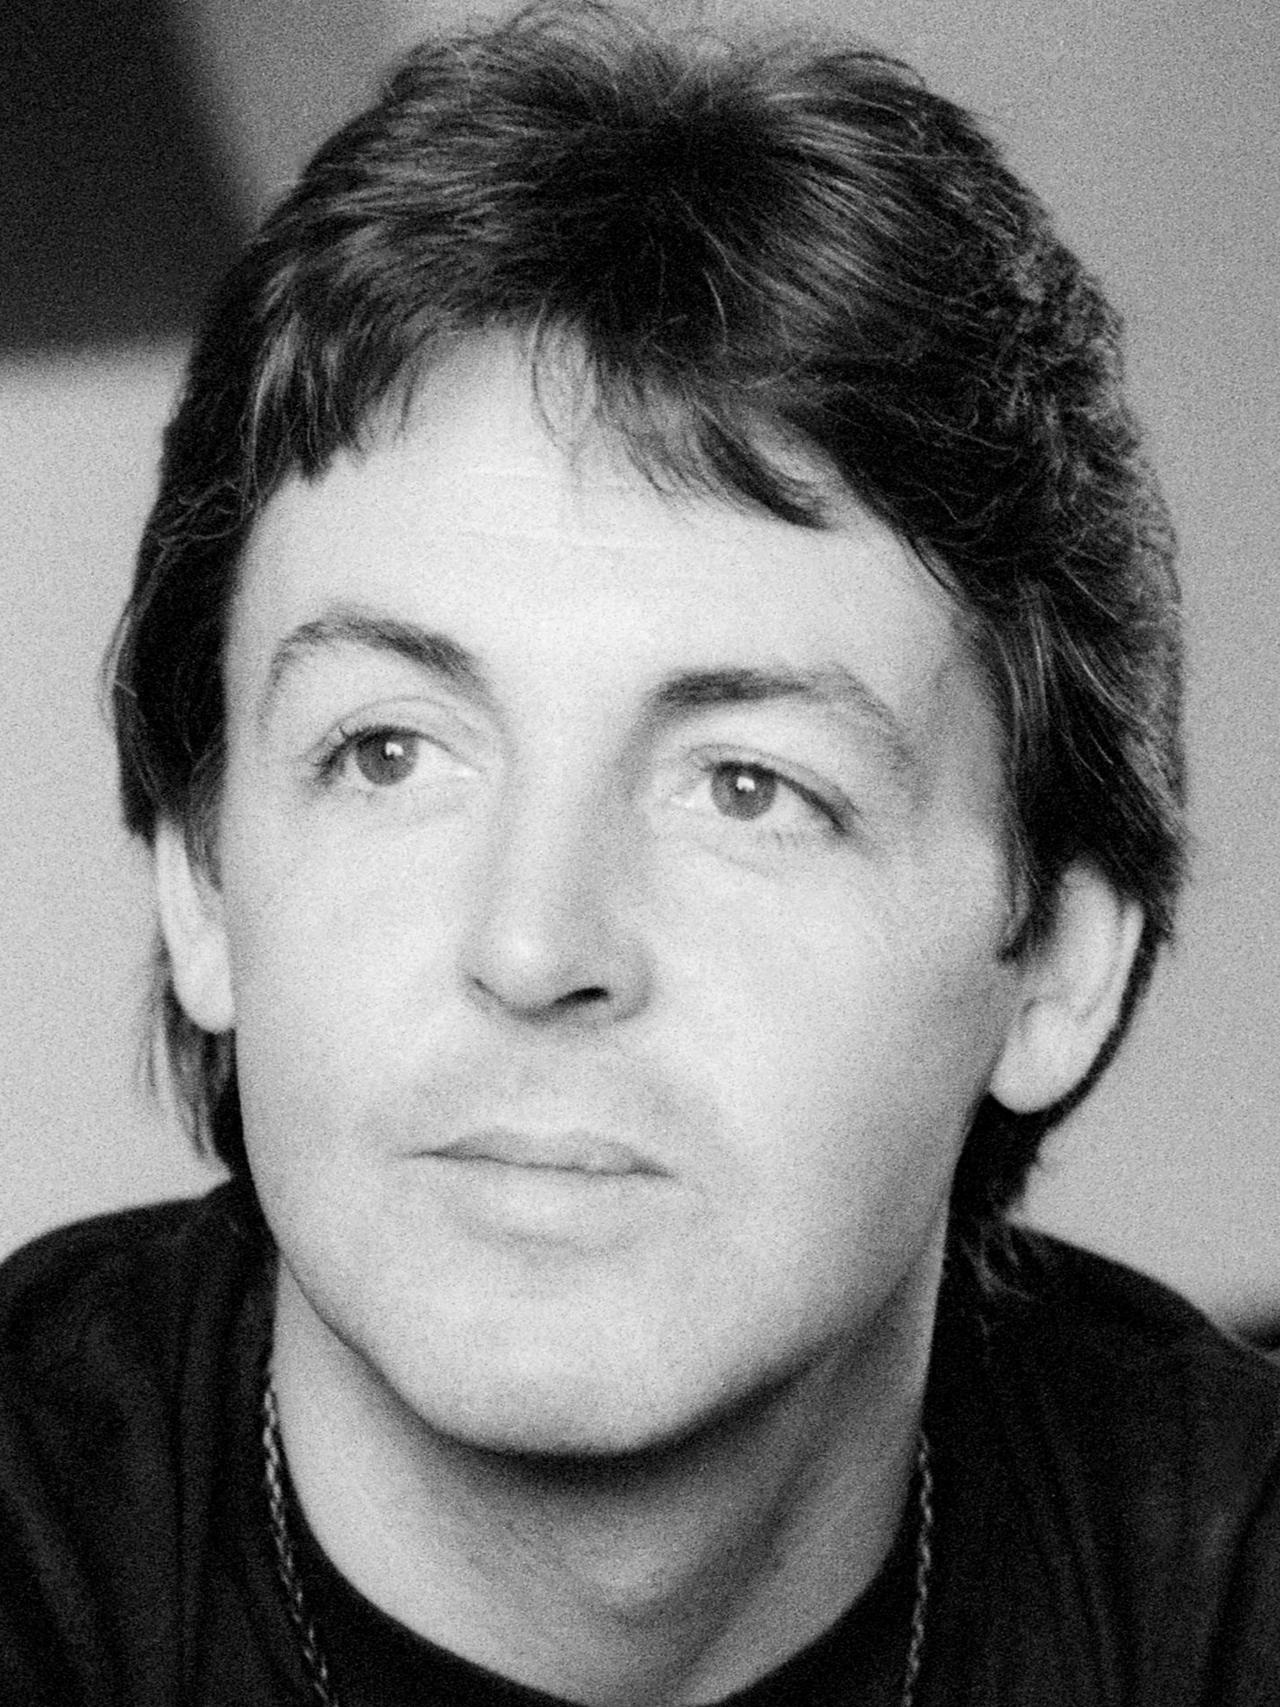 Paul McCartney 06